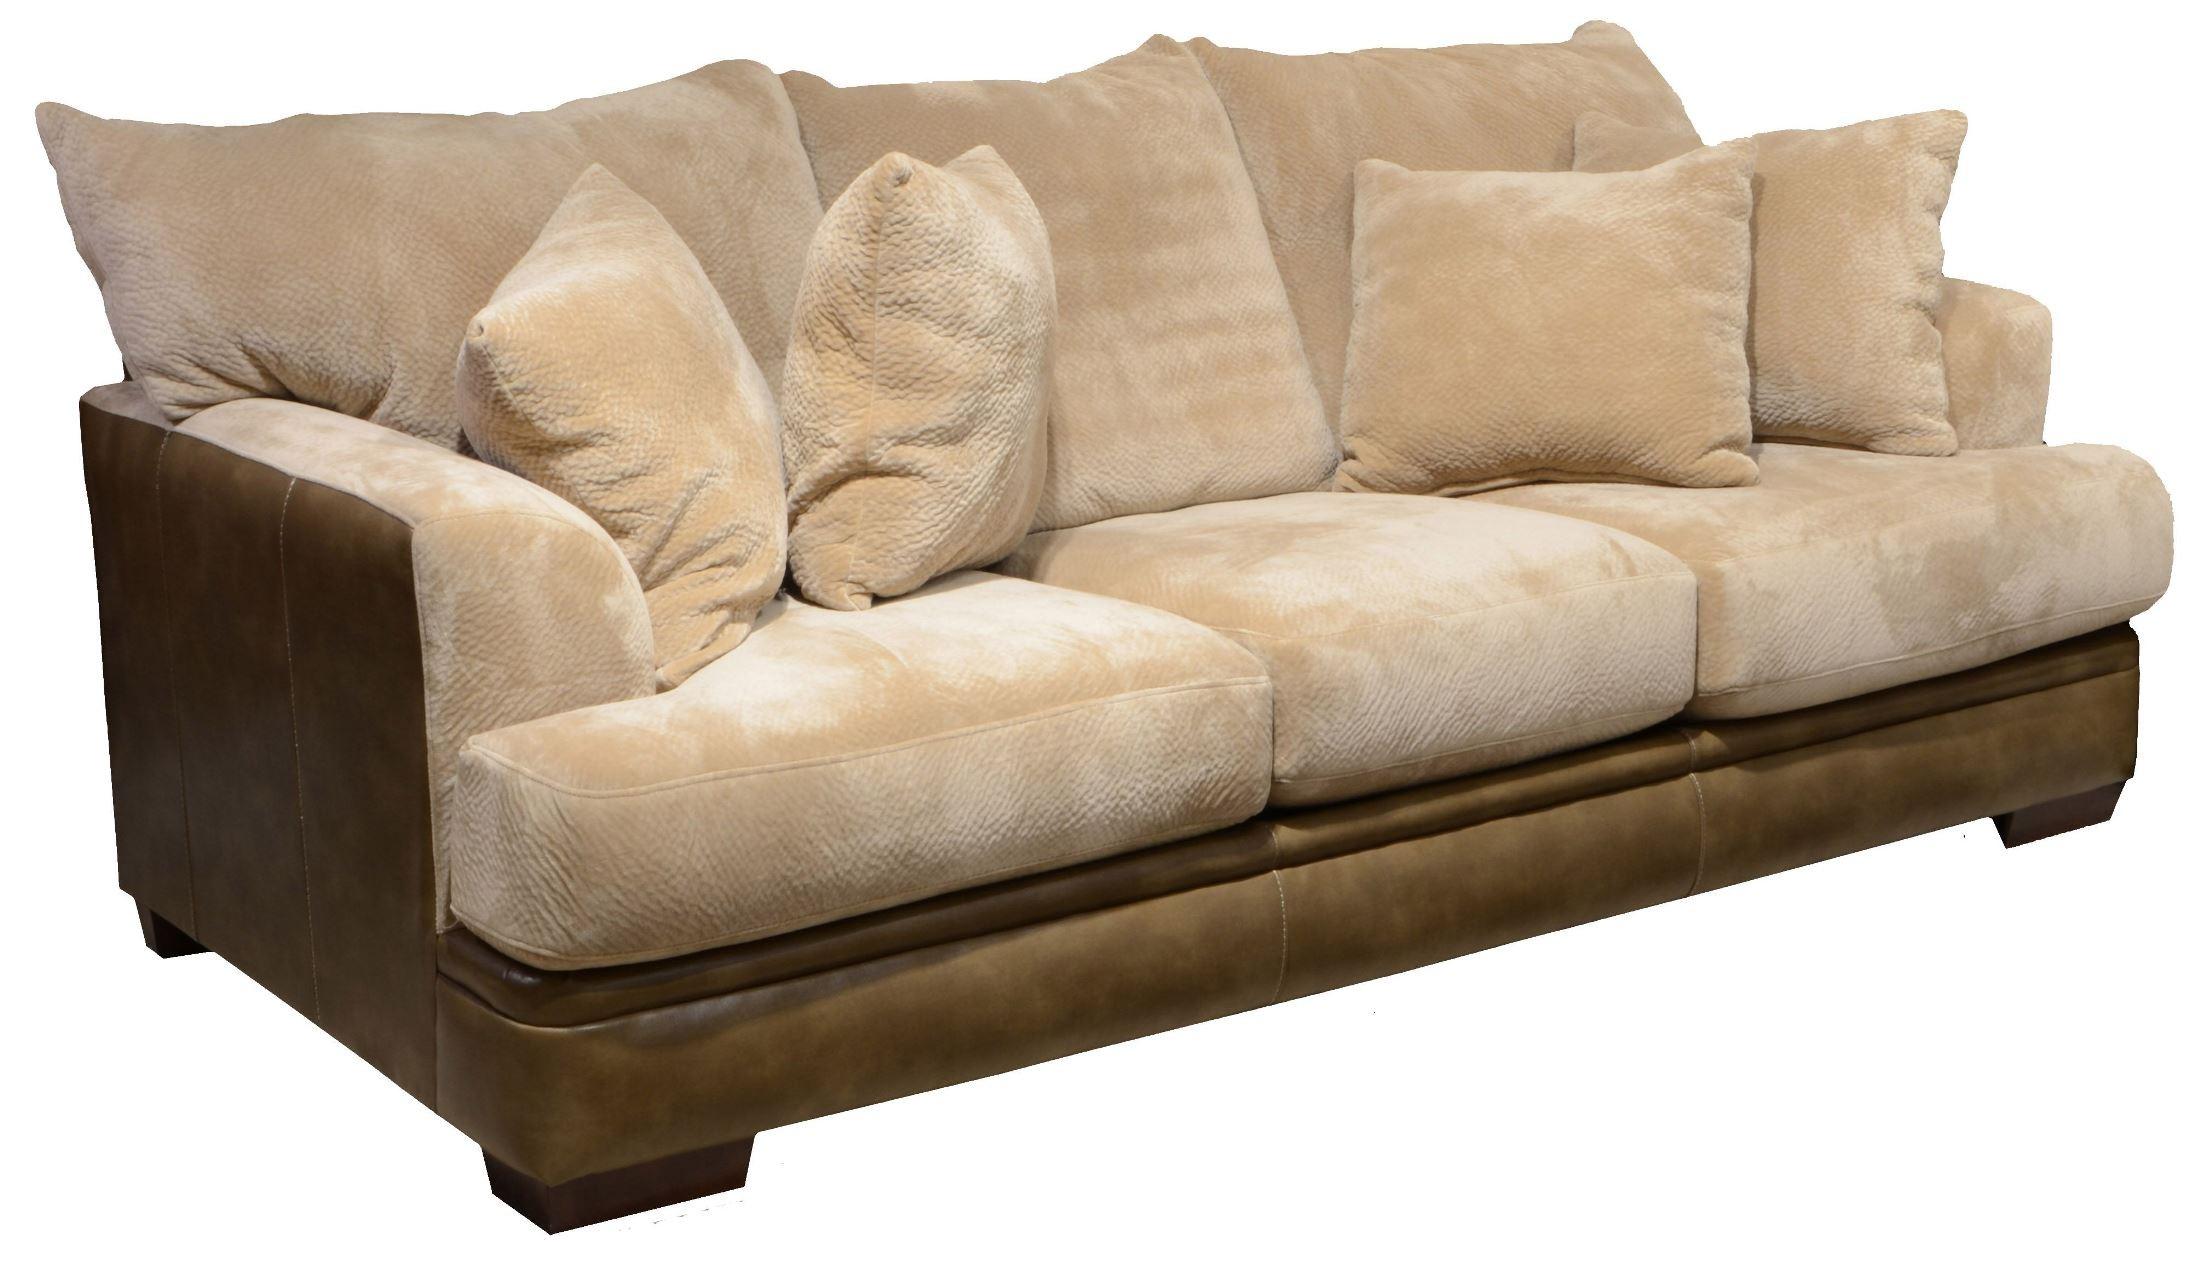 barkley toast sofa from jackson  444203000000000000